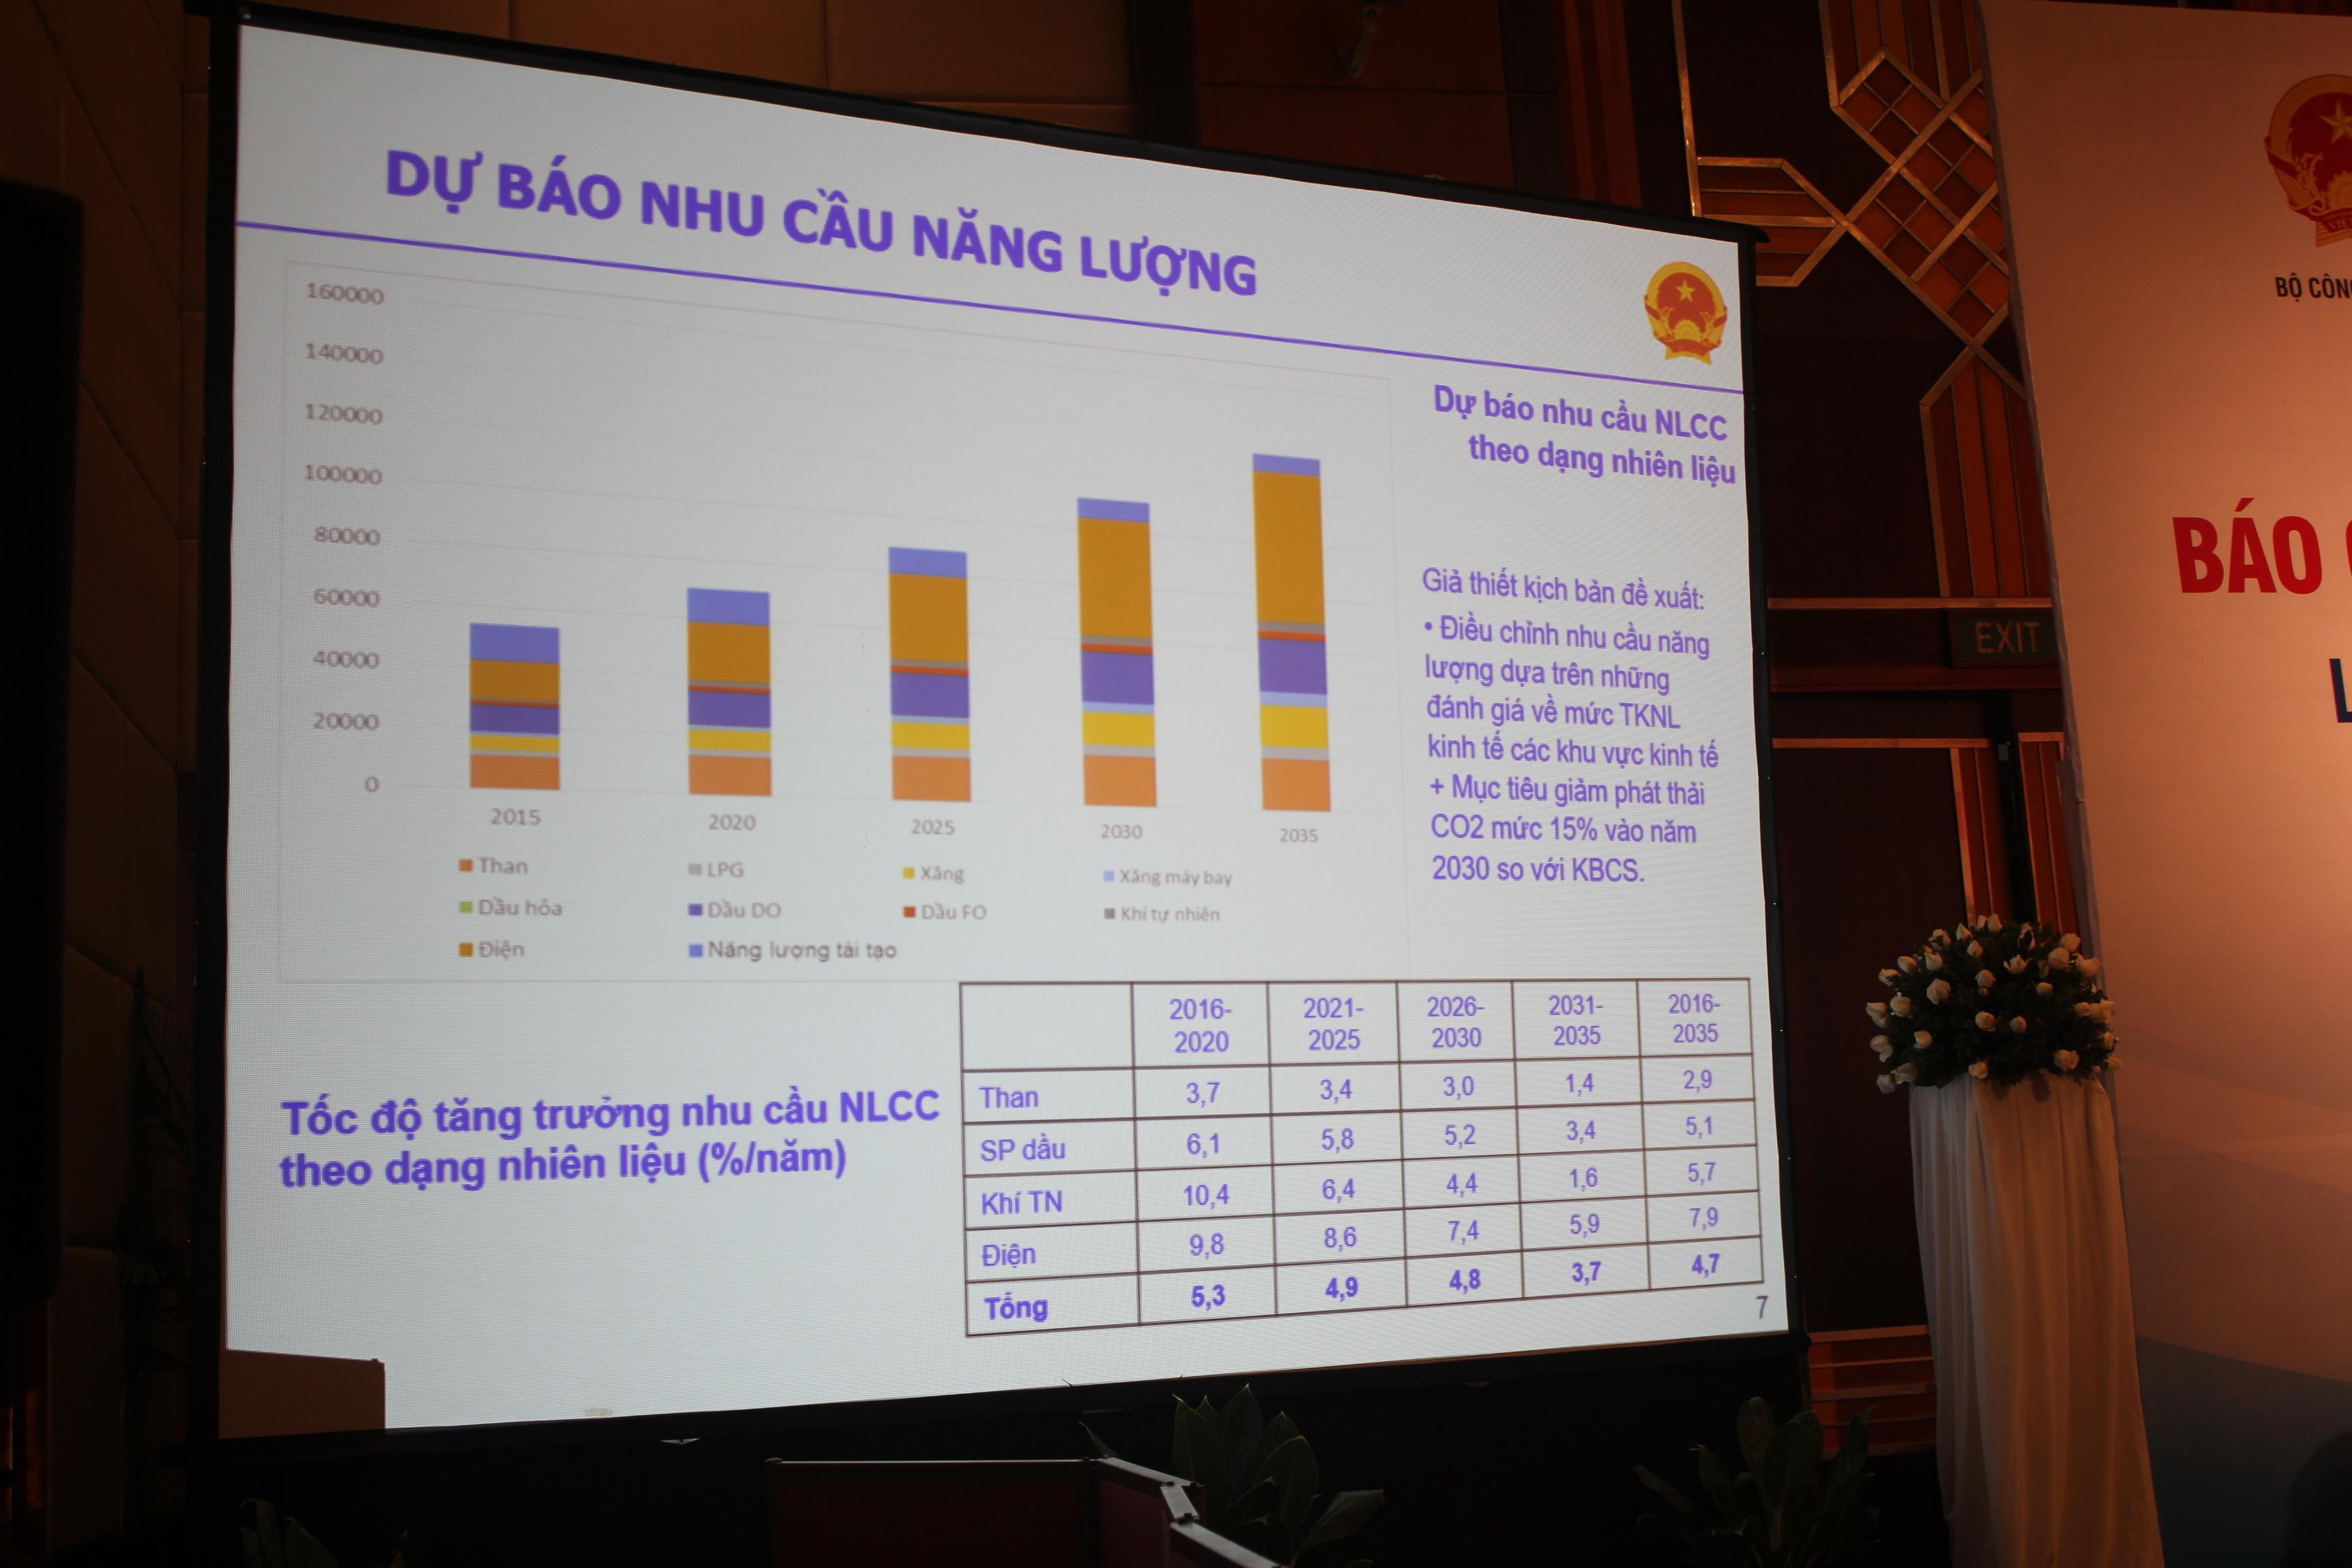 Môi trường - Nhu cầu về năng lượng của Việt Nam đang tăng rất nhanh (Hình 2).